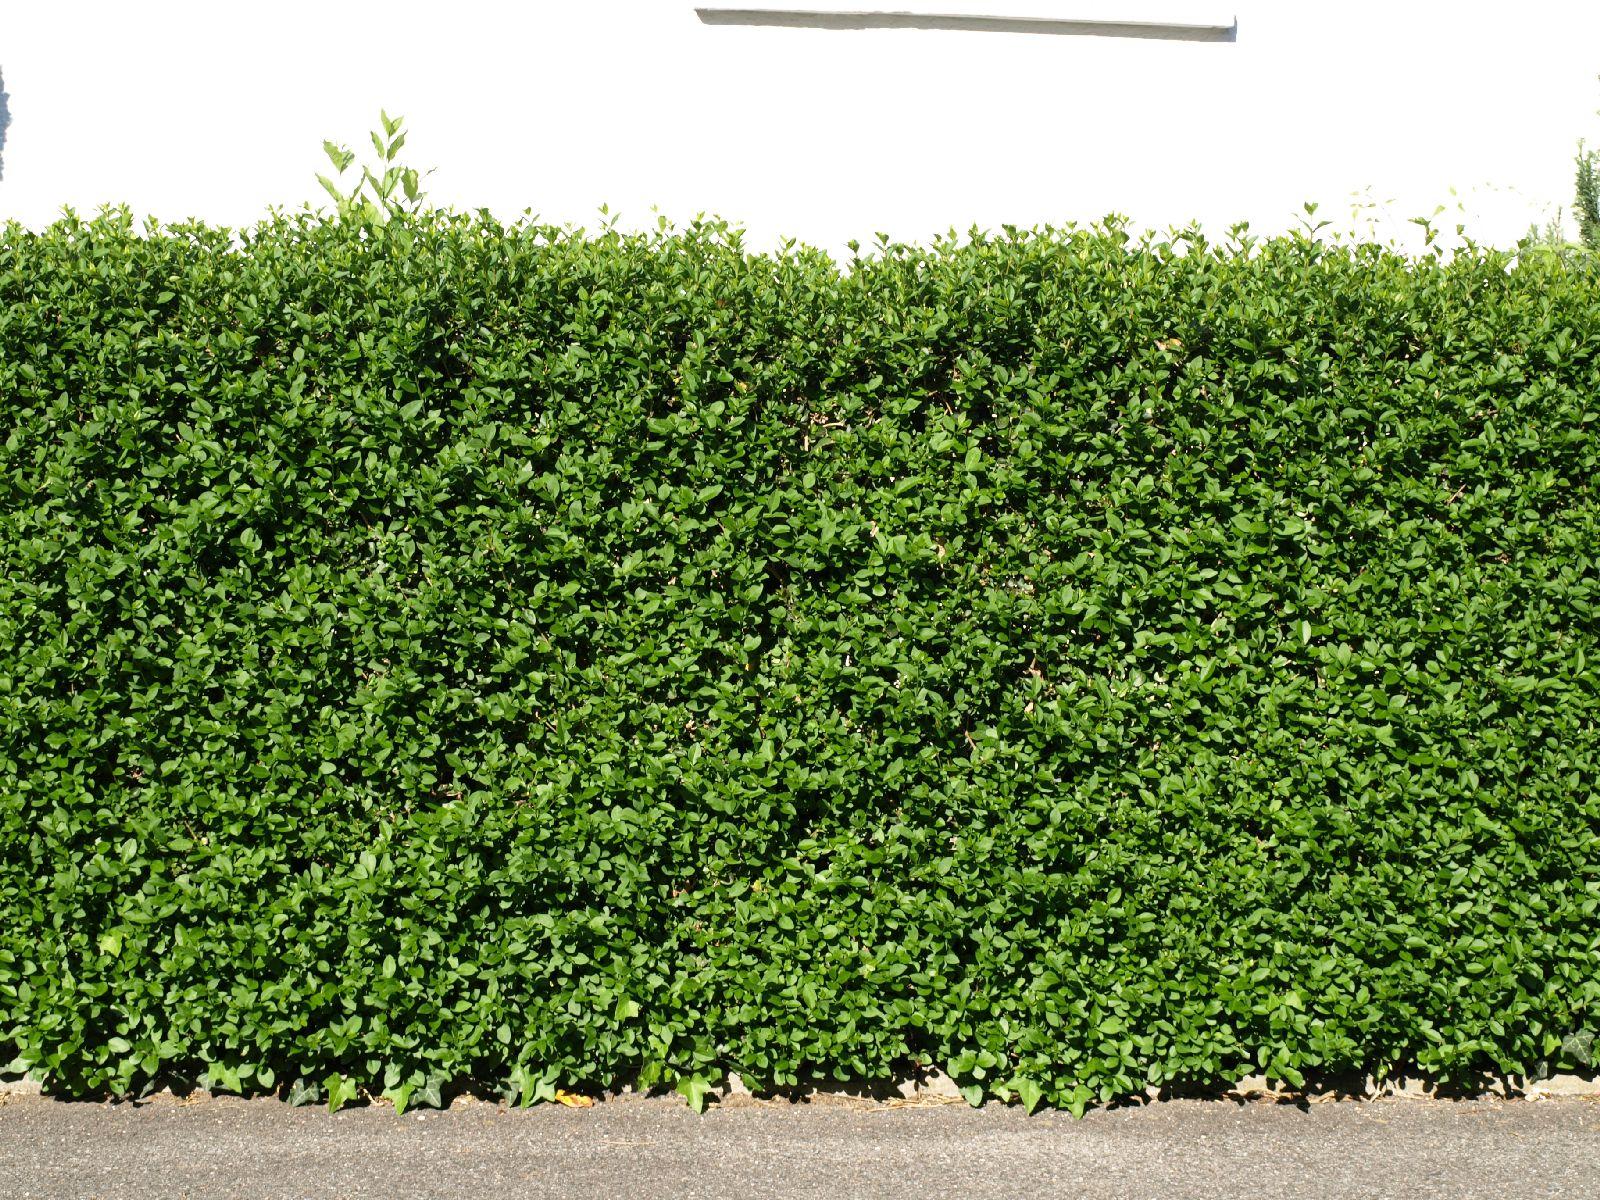 Pflanzen-Hecken-Foto_Textur_B_P5112629